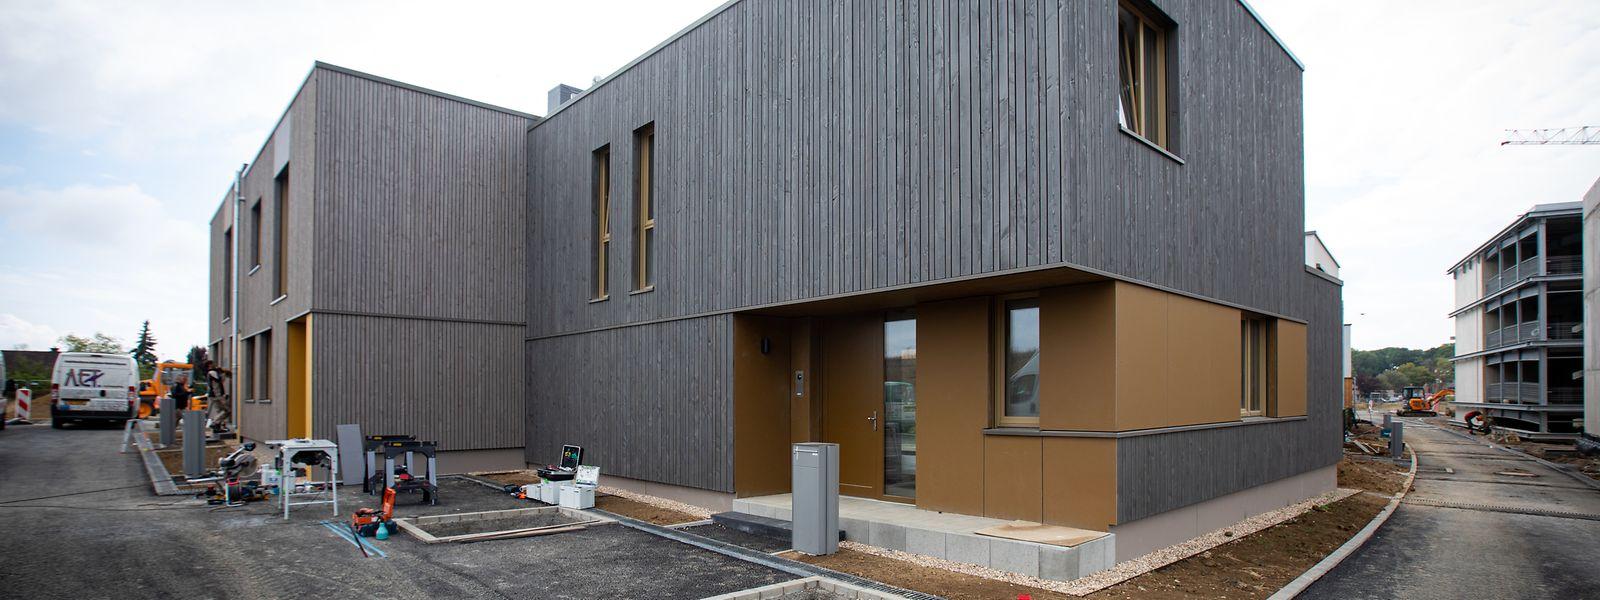 Construits plus rapidement, les logements en bois se heurtent pour l'heure à une absence de réglementation précise, notamment pour les bâtiments en hauteur.